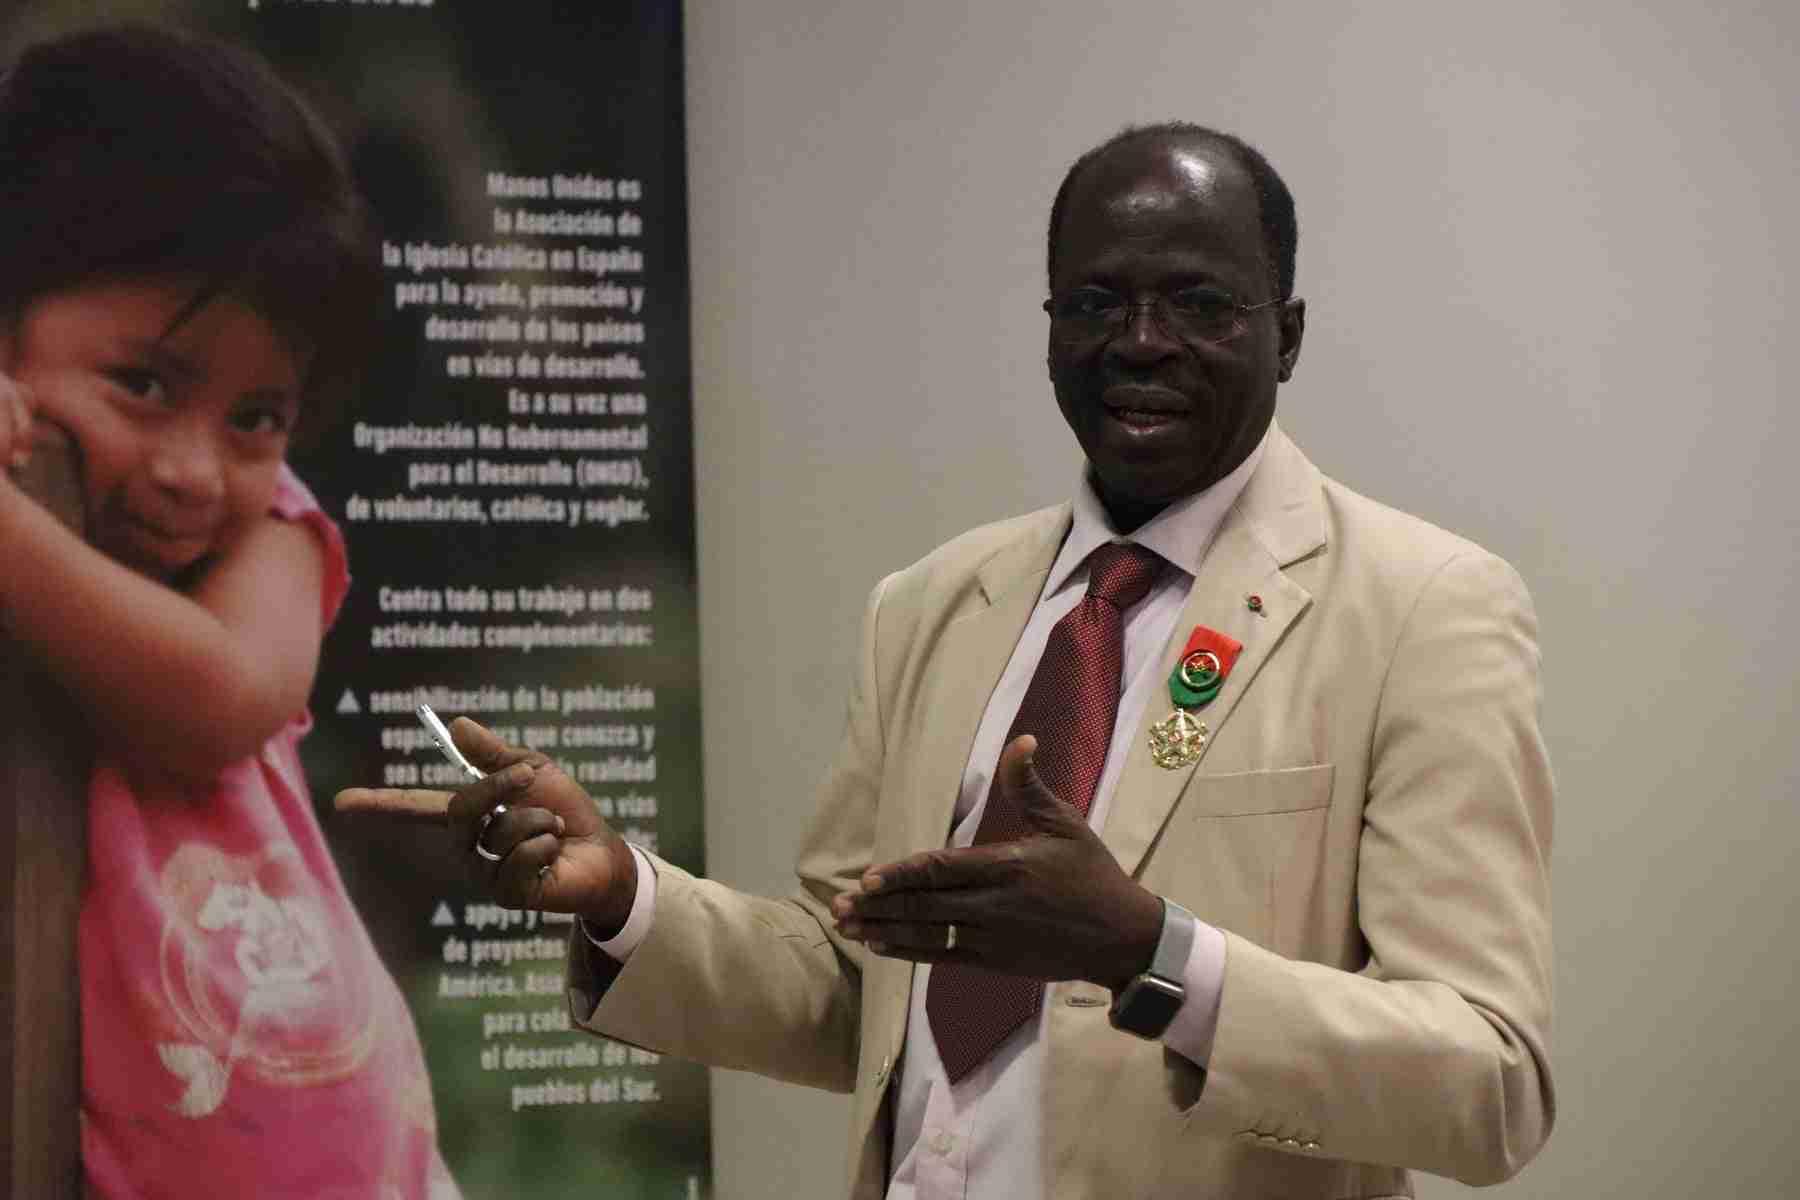 Hamidou Keivin presenta el proyecto de Manos Unidas en Burkina Faso 5